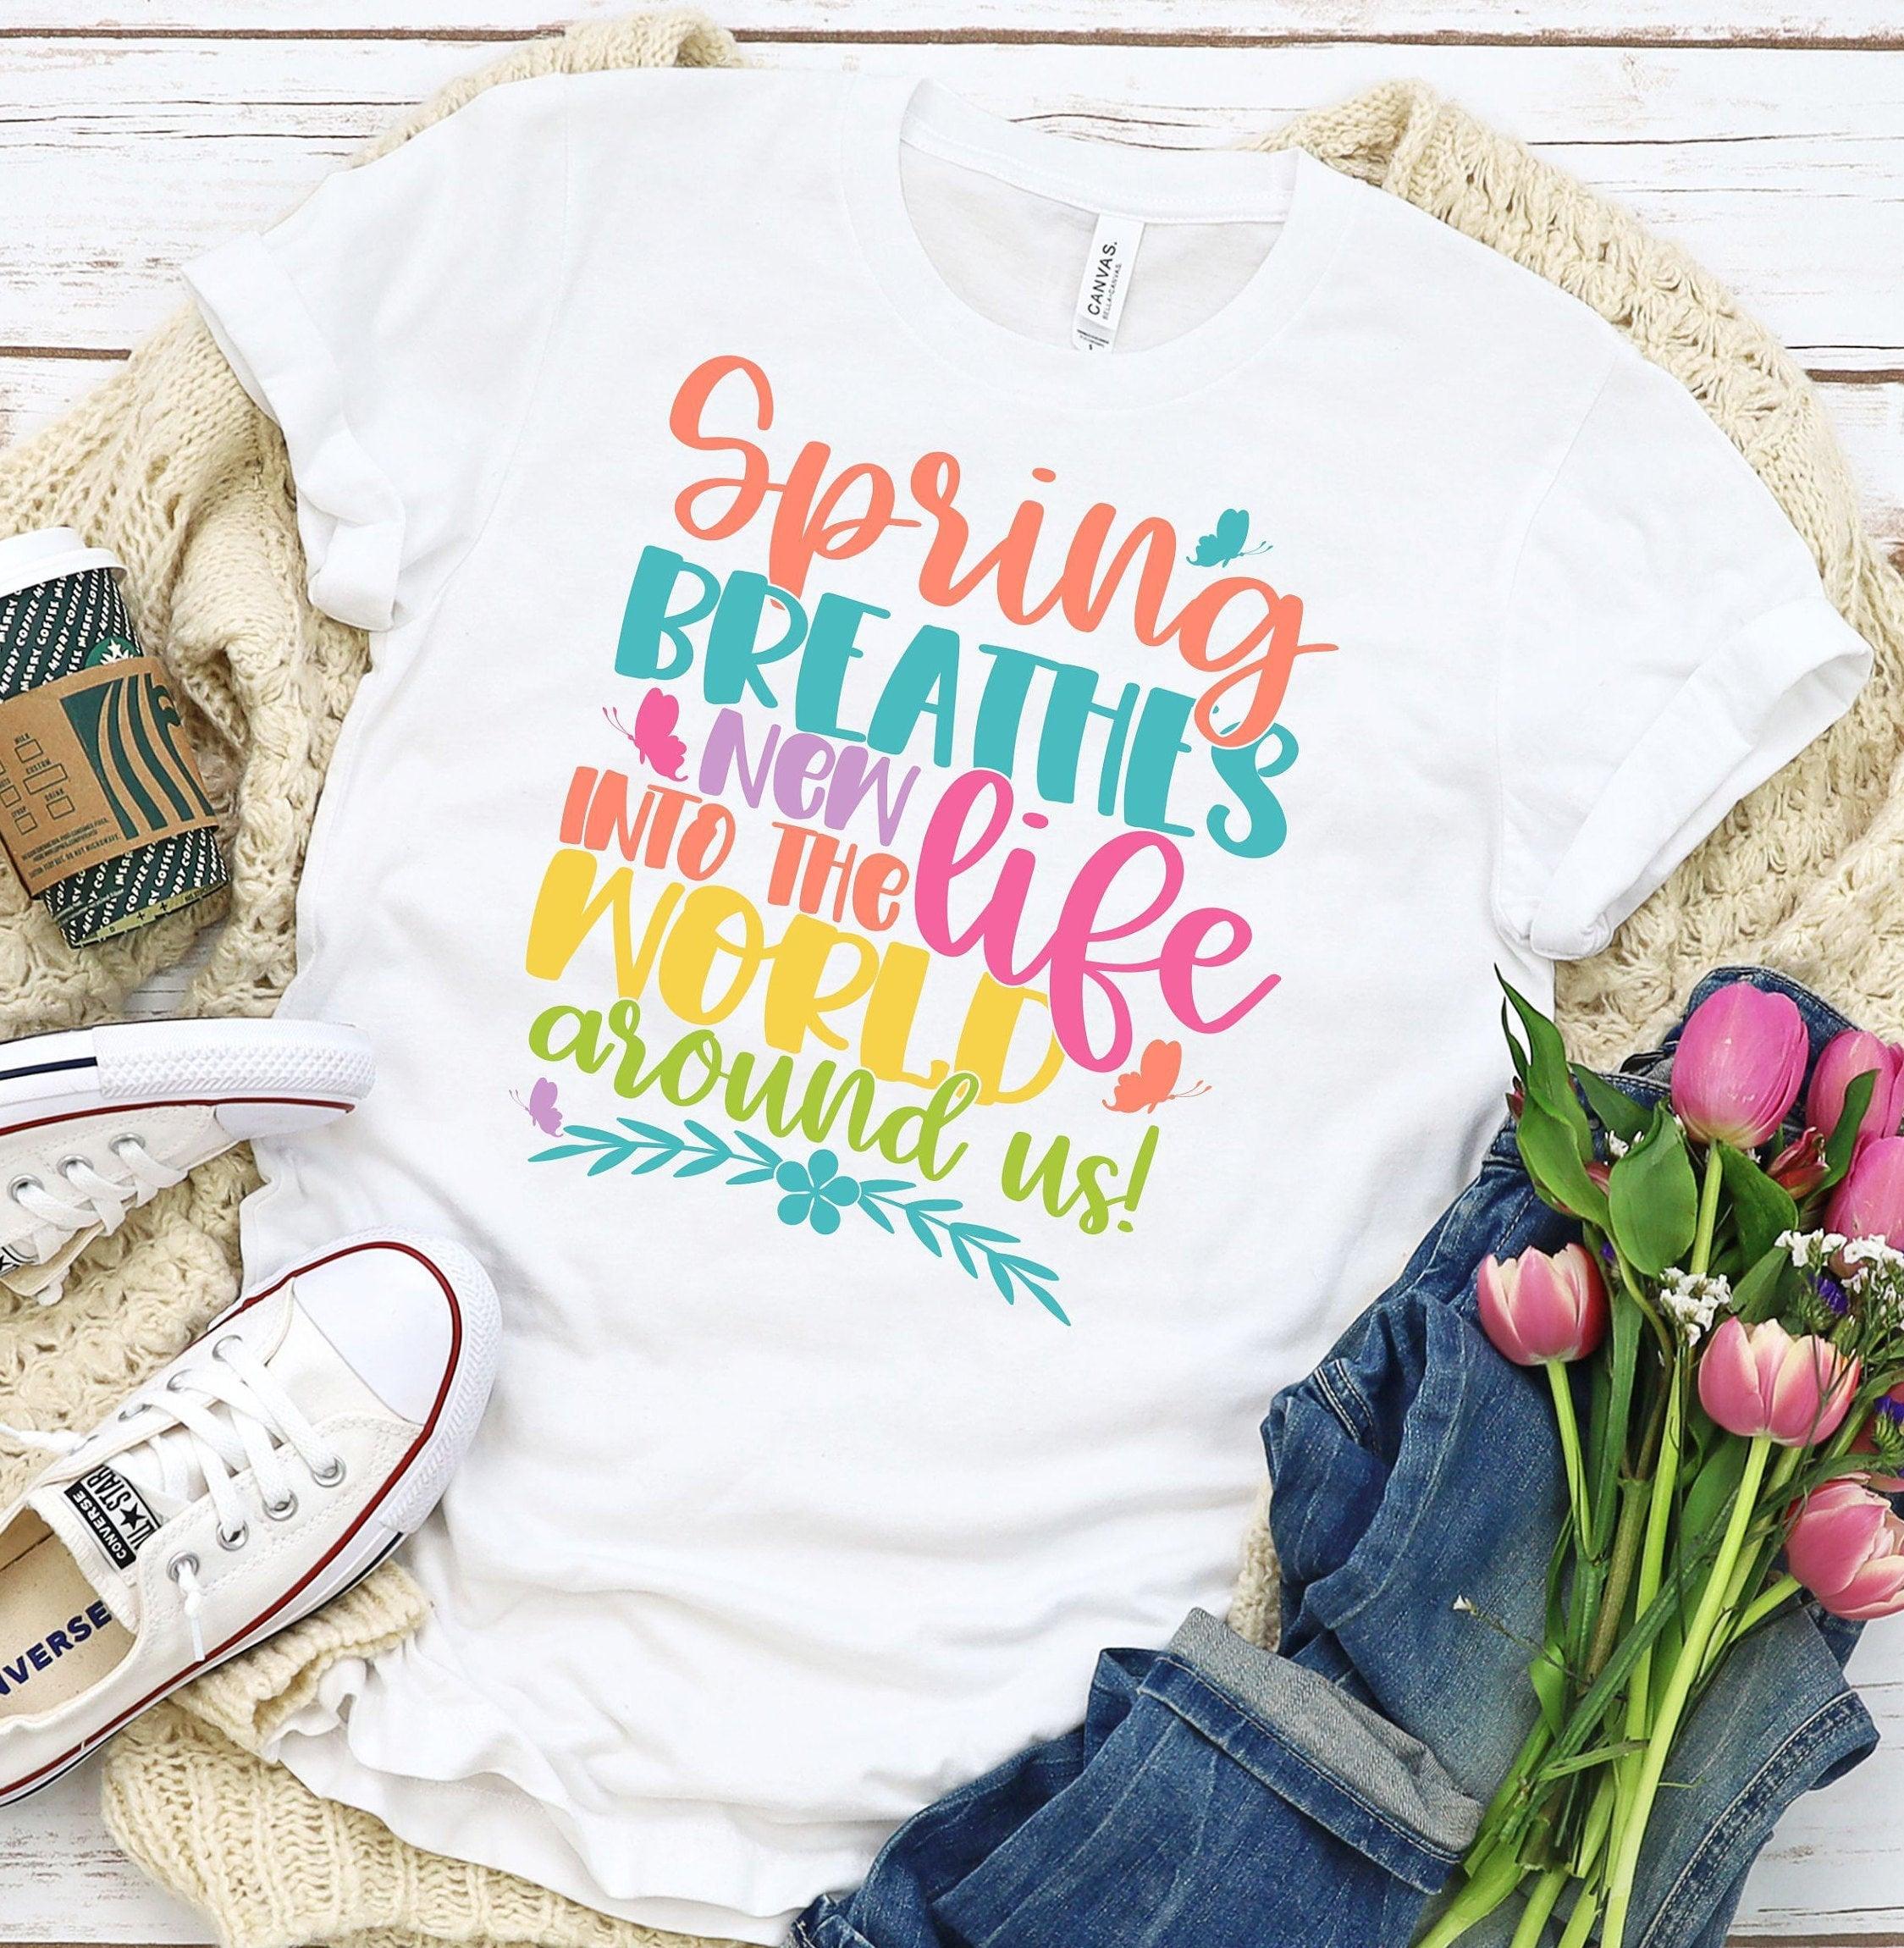 Spring-svg-spring-breathes-new-life-svg-spring-flowers-svg-butterfly-svg-spring-svg-design-spring-cut-file-spring-cricut-60513b15